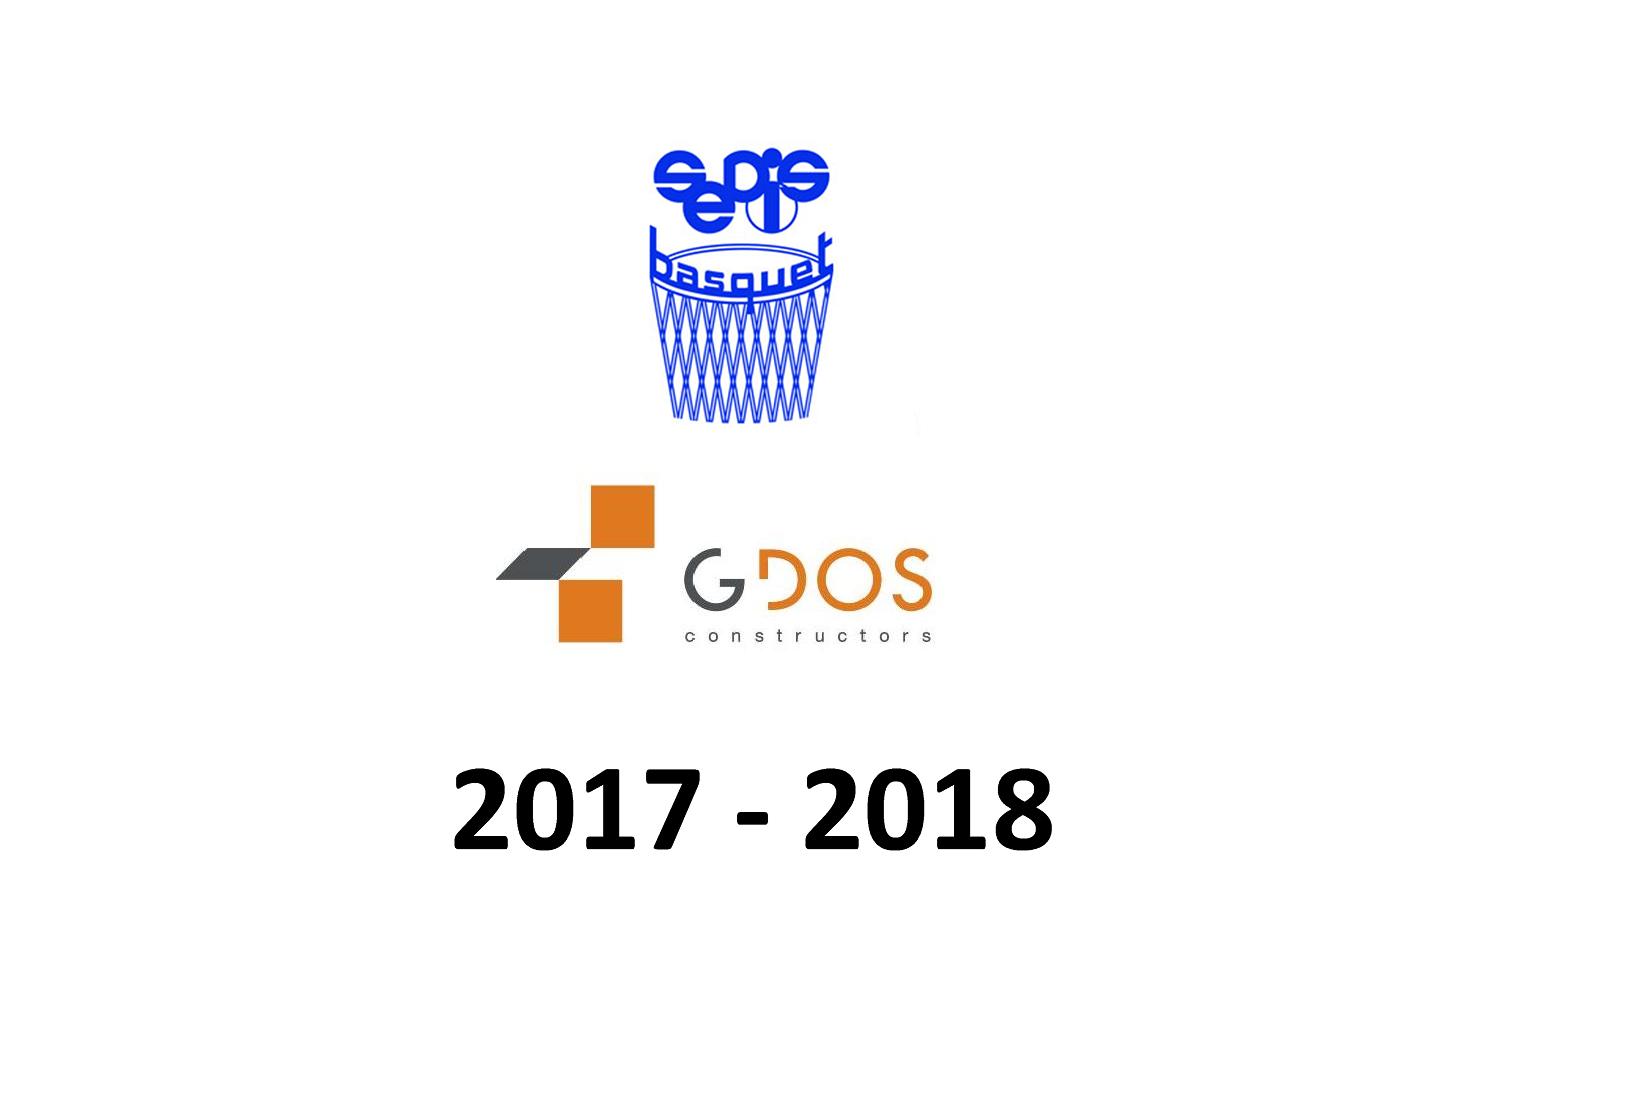 SEDIS GDOS 2017/2018